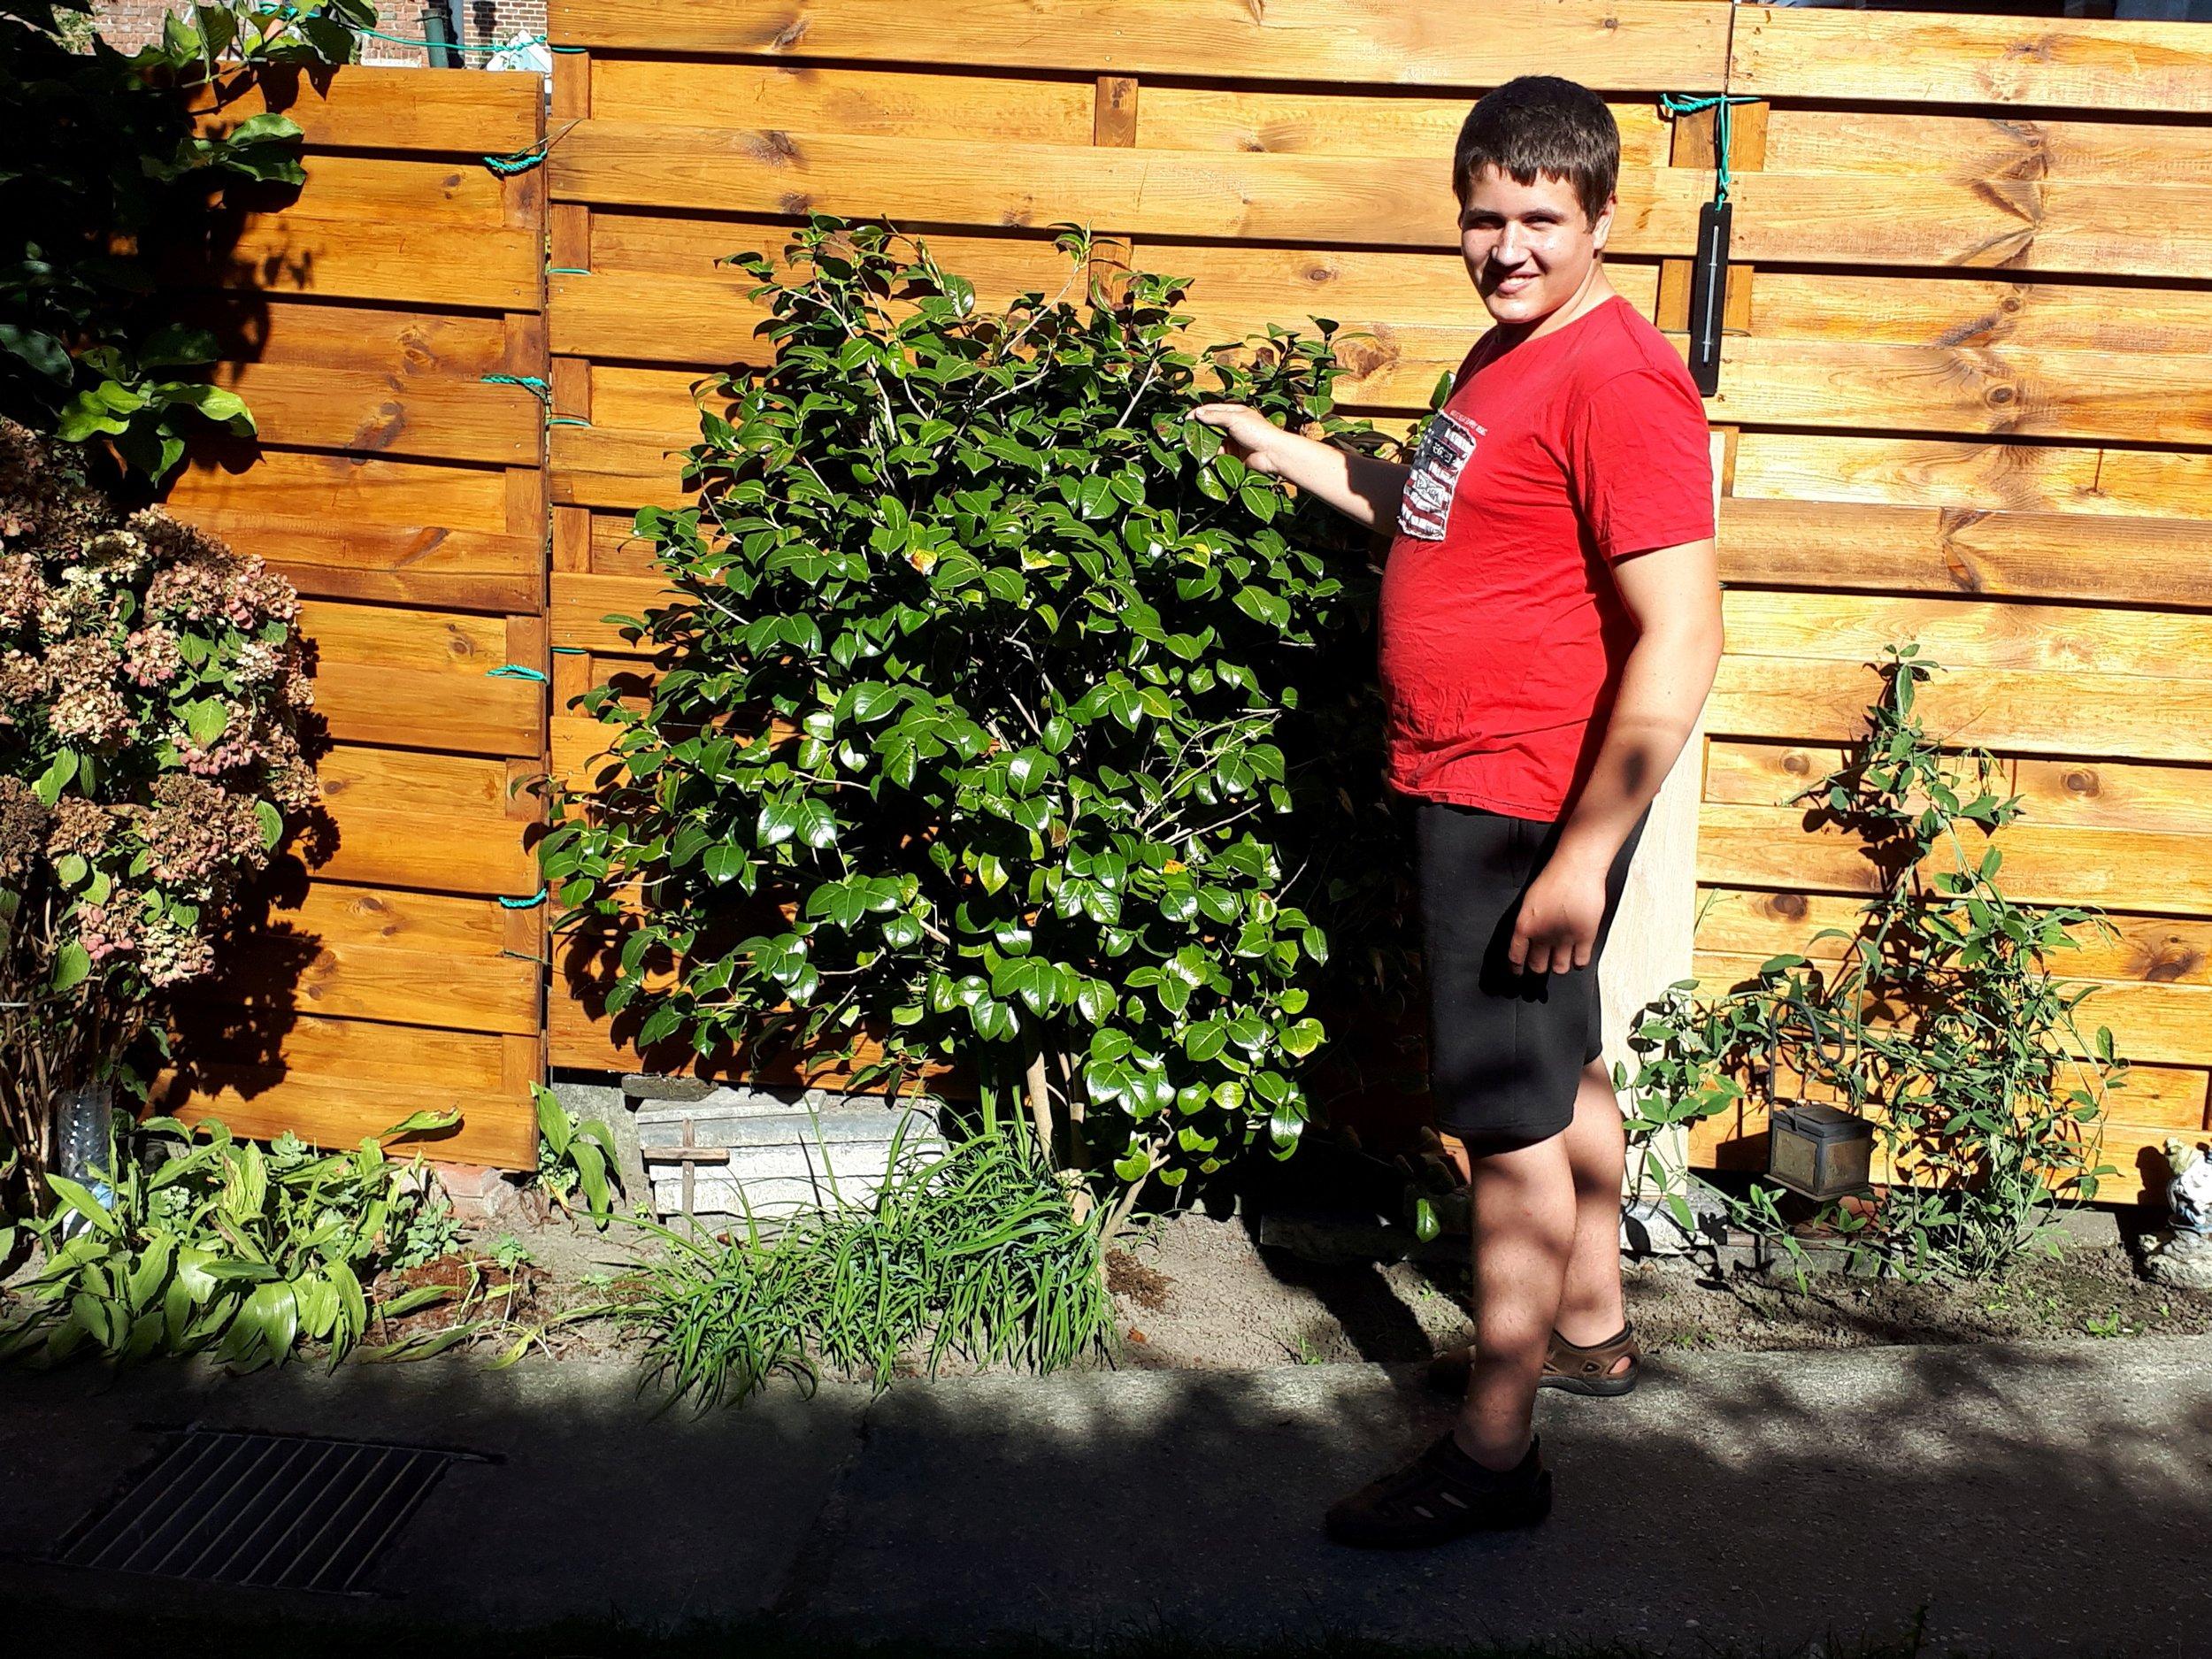 Jonas wil graag tuinieren   Jonas is een jonge gast van 16 uit Gent. Hij heeft autisme en daardoor begeleiding en verduidelijking nodig bij heel wat taken.   Ik help Jonas met tuinieren!